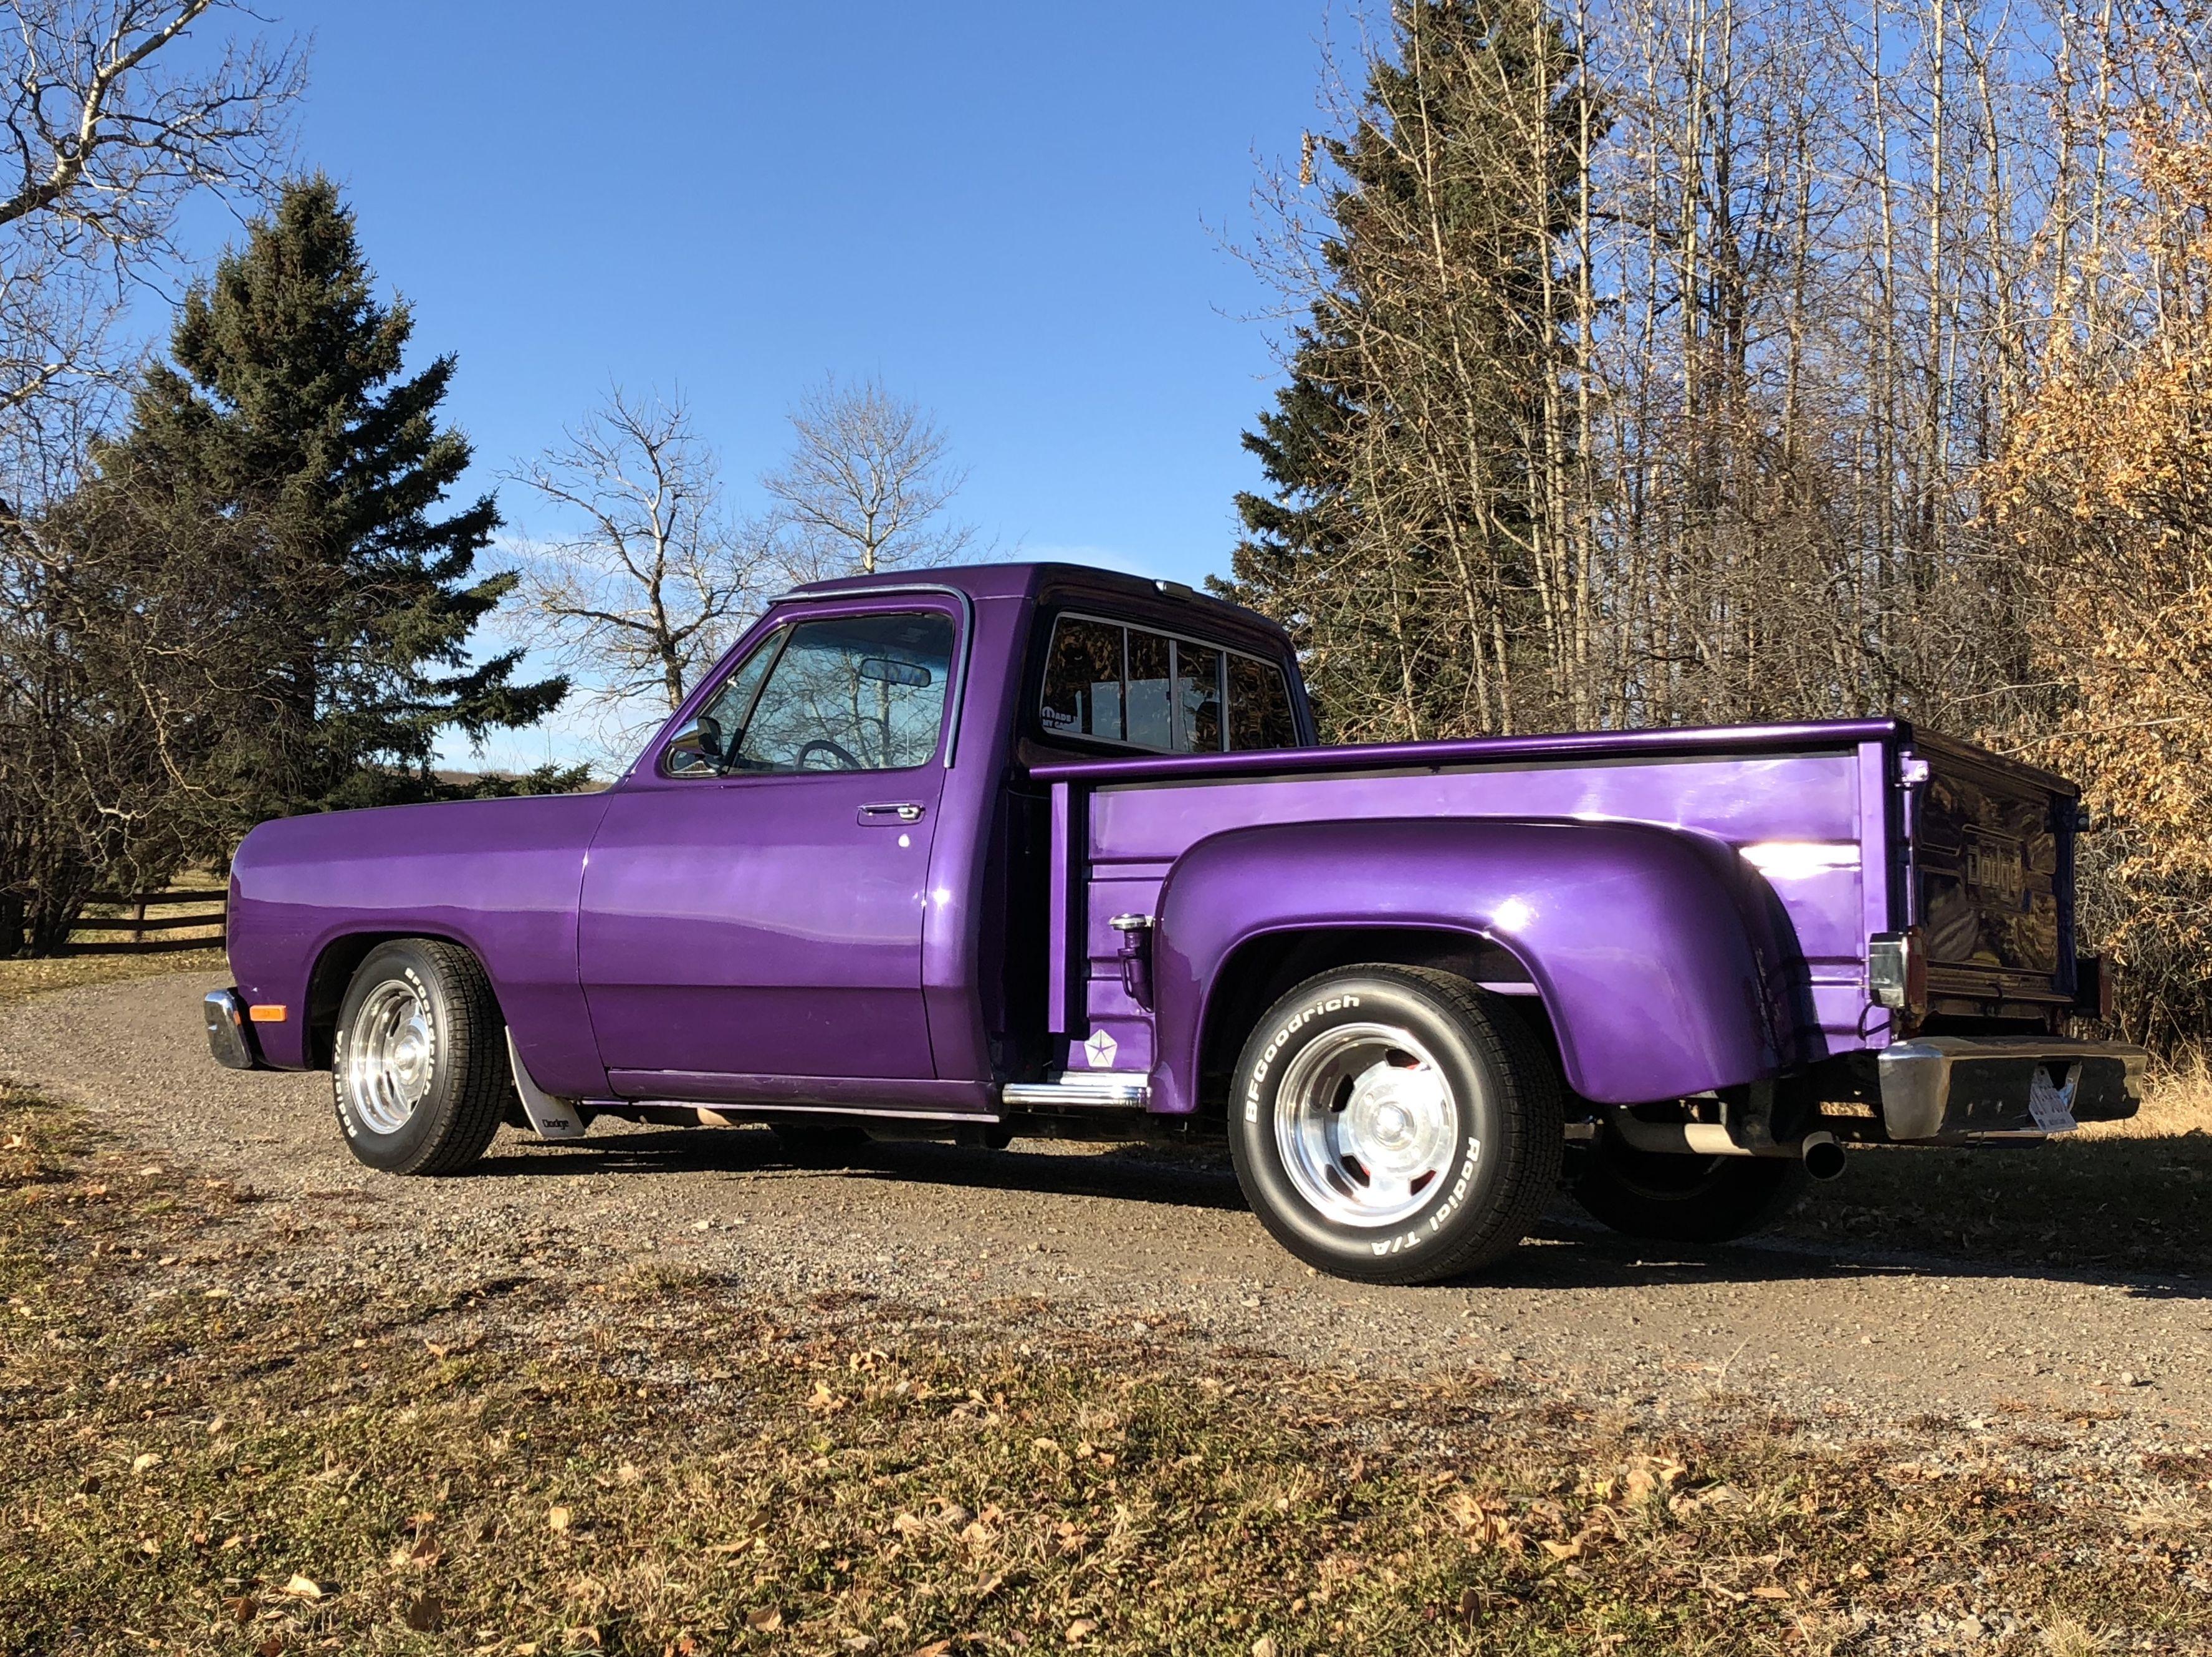 Pin By Troyld On Project D150 Old Dodge Trucks Dodge Trucks Classic Trucks